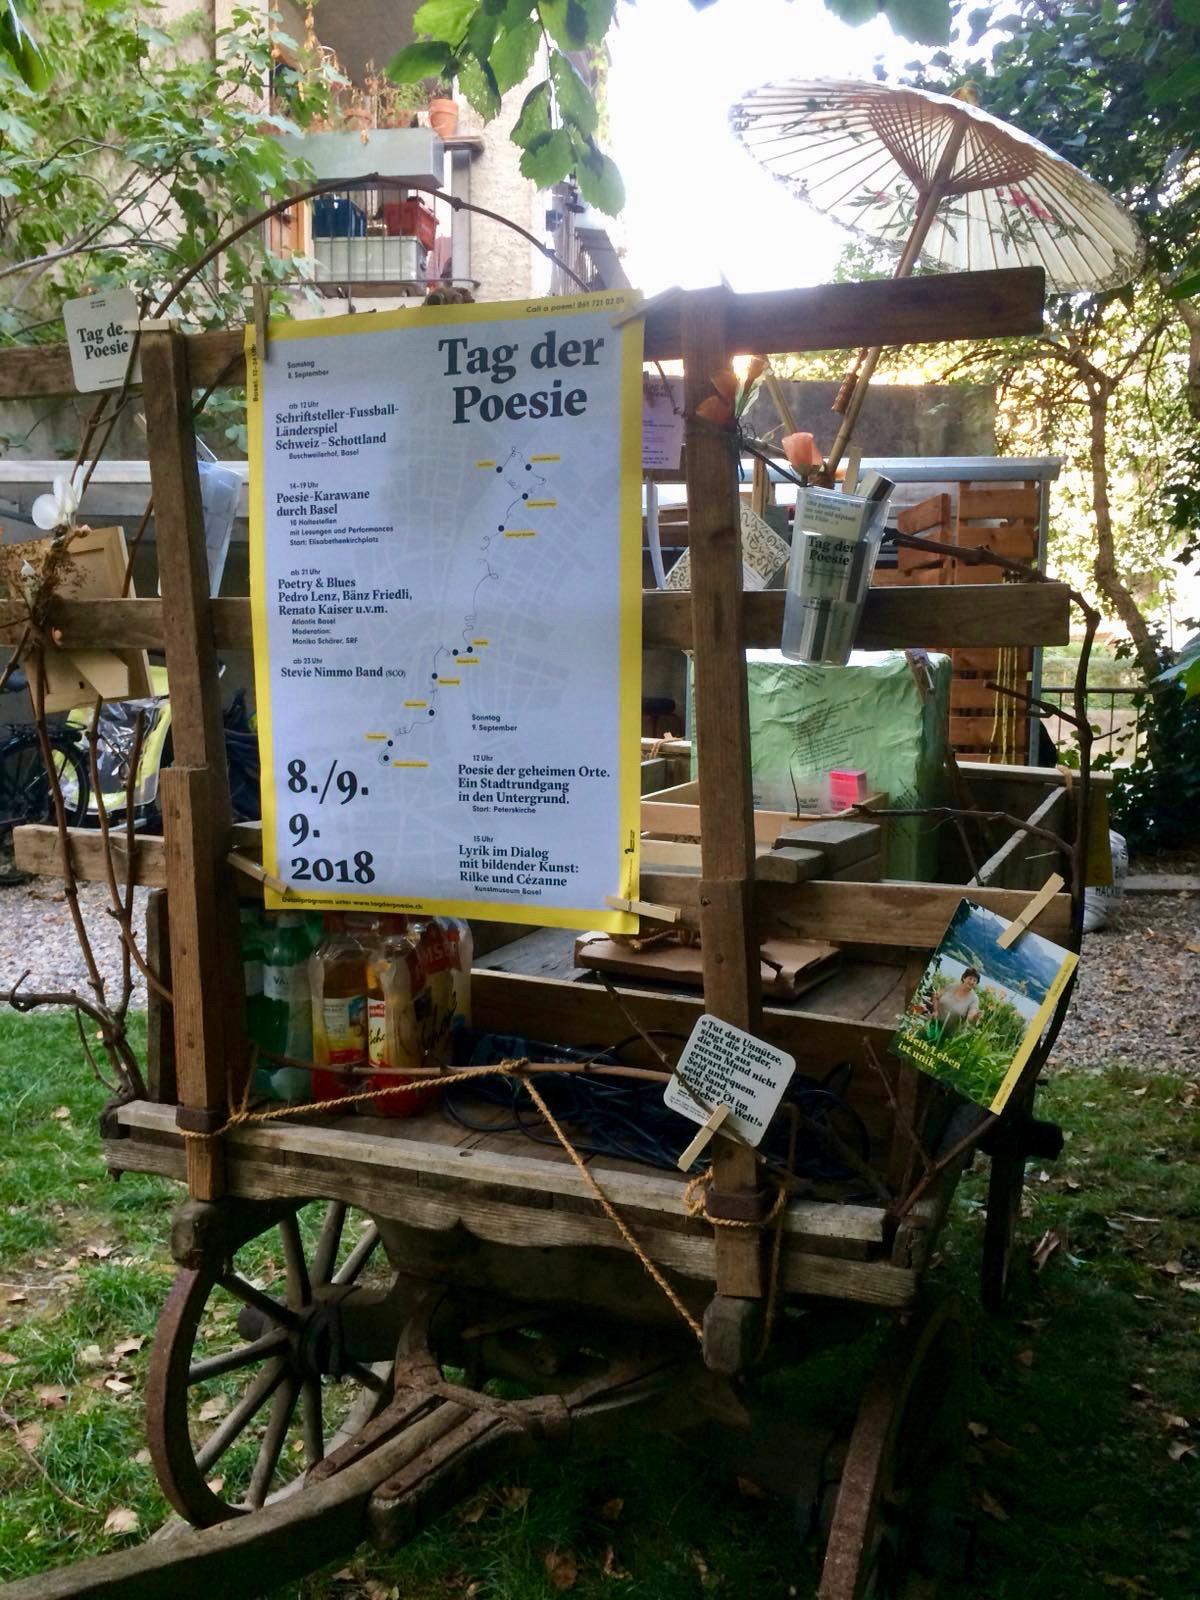 Der Poesie-Leiterwagen ist bereit für seinen Einsatz an der Poesie-Karawane